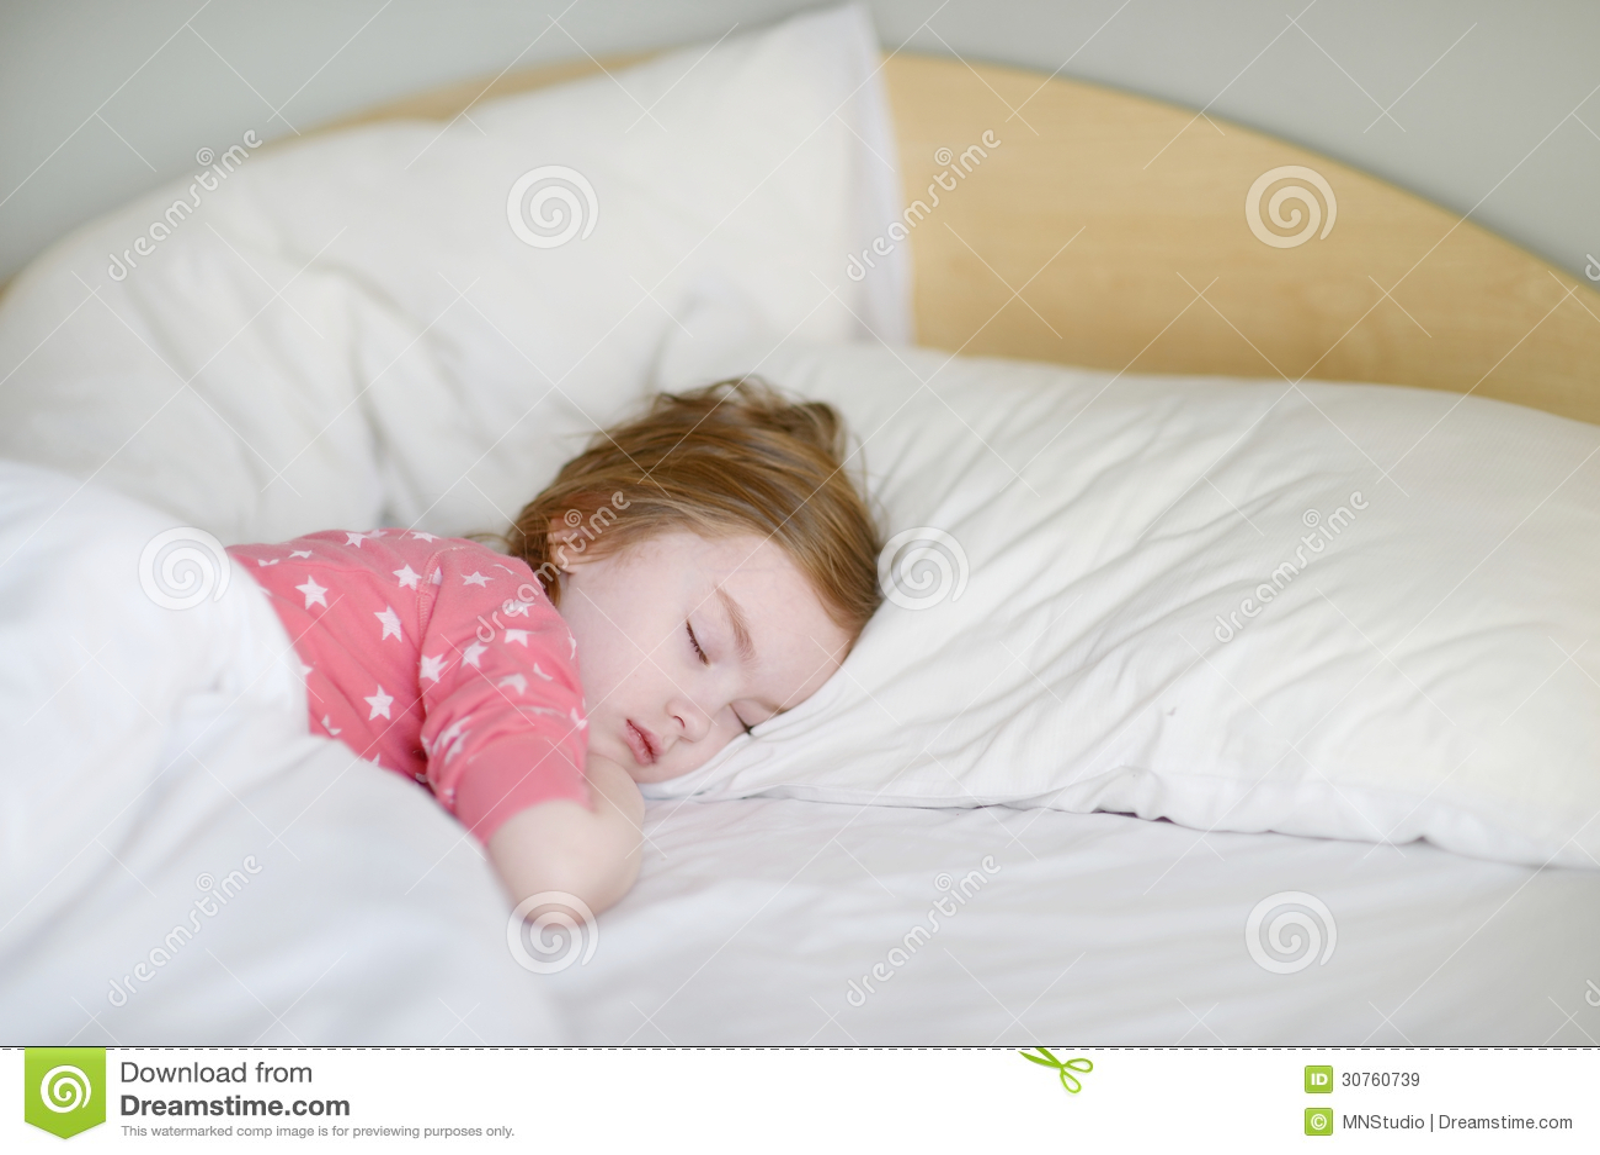 可爱小女孩睡觉